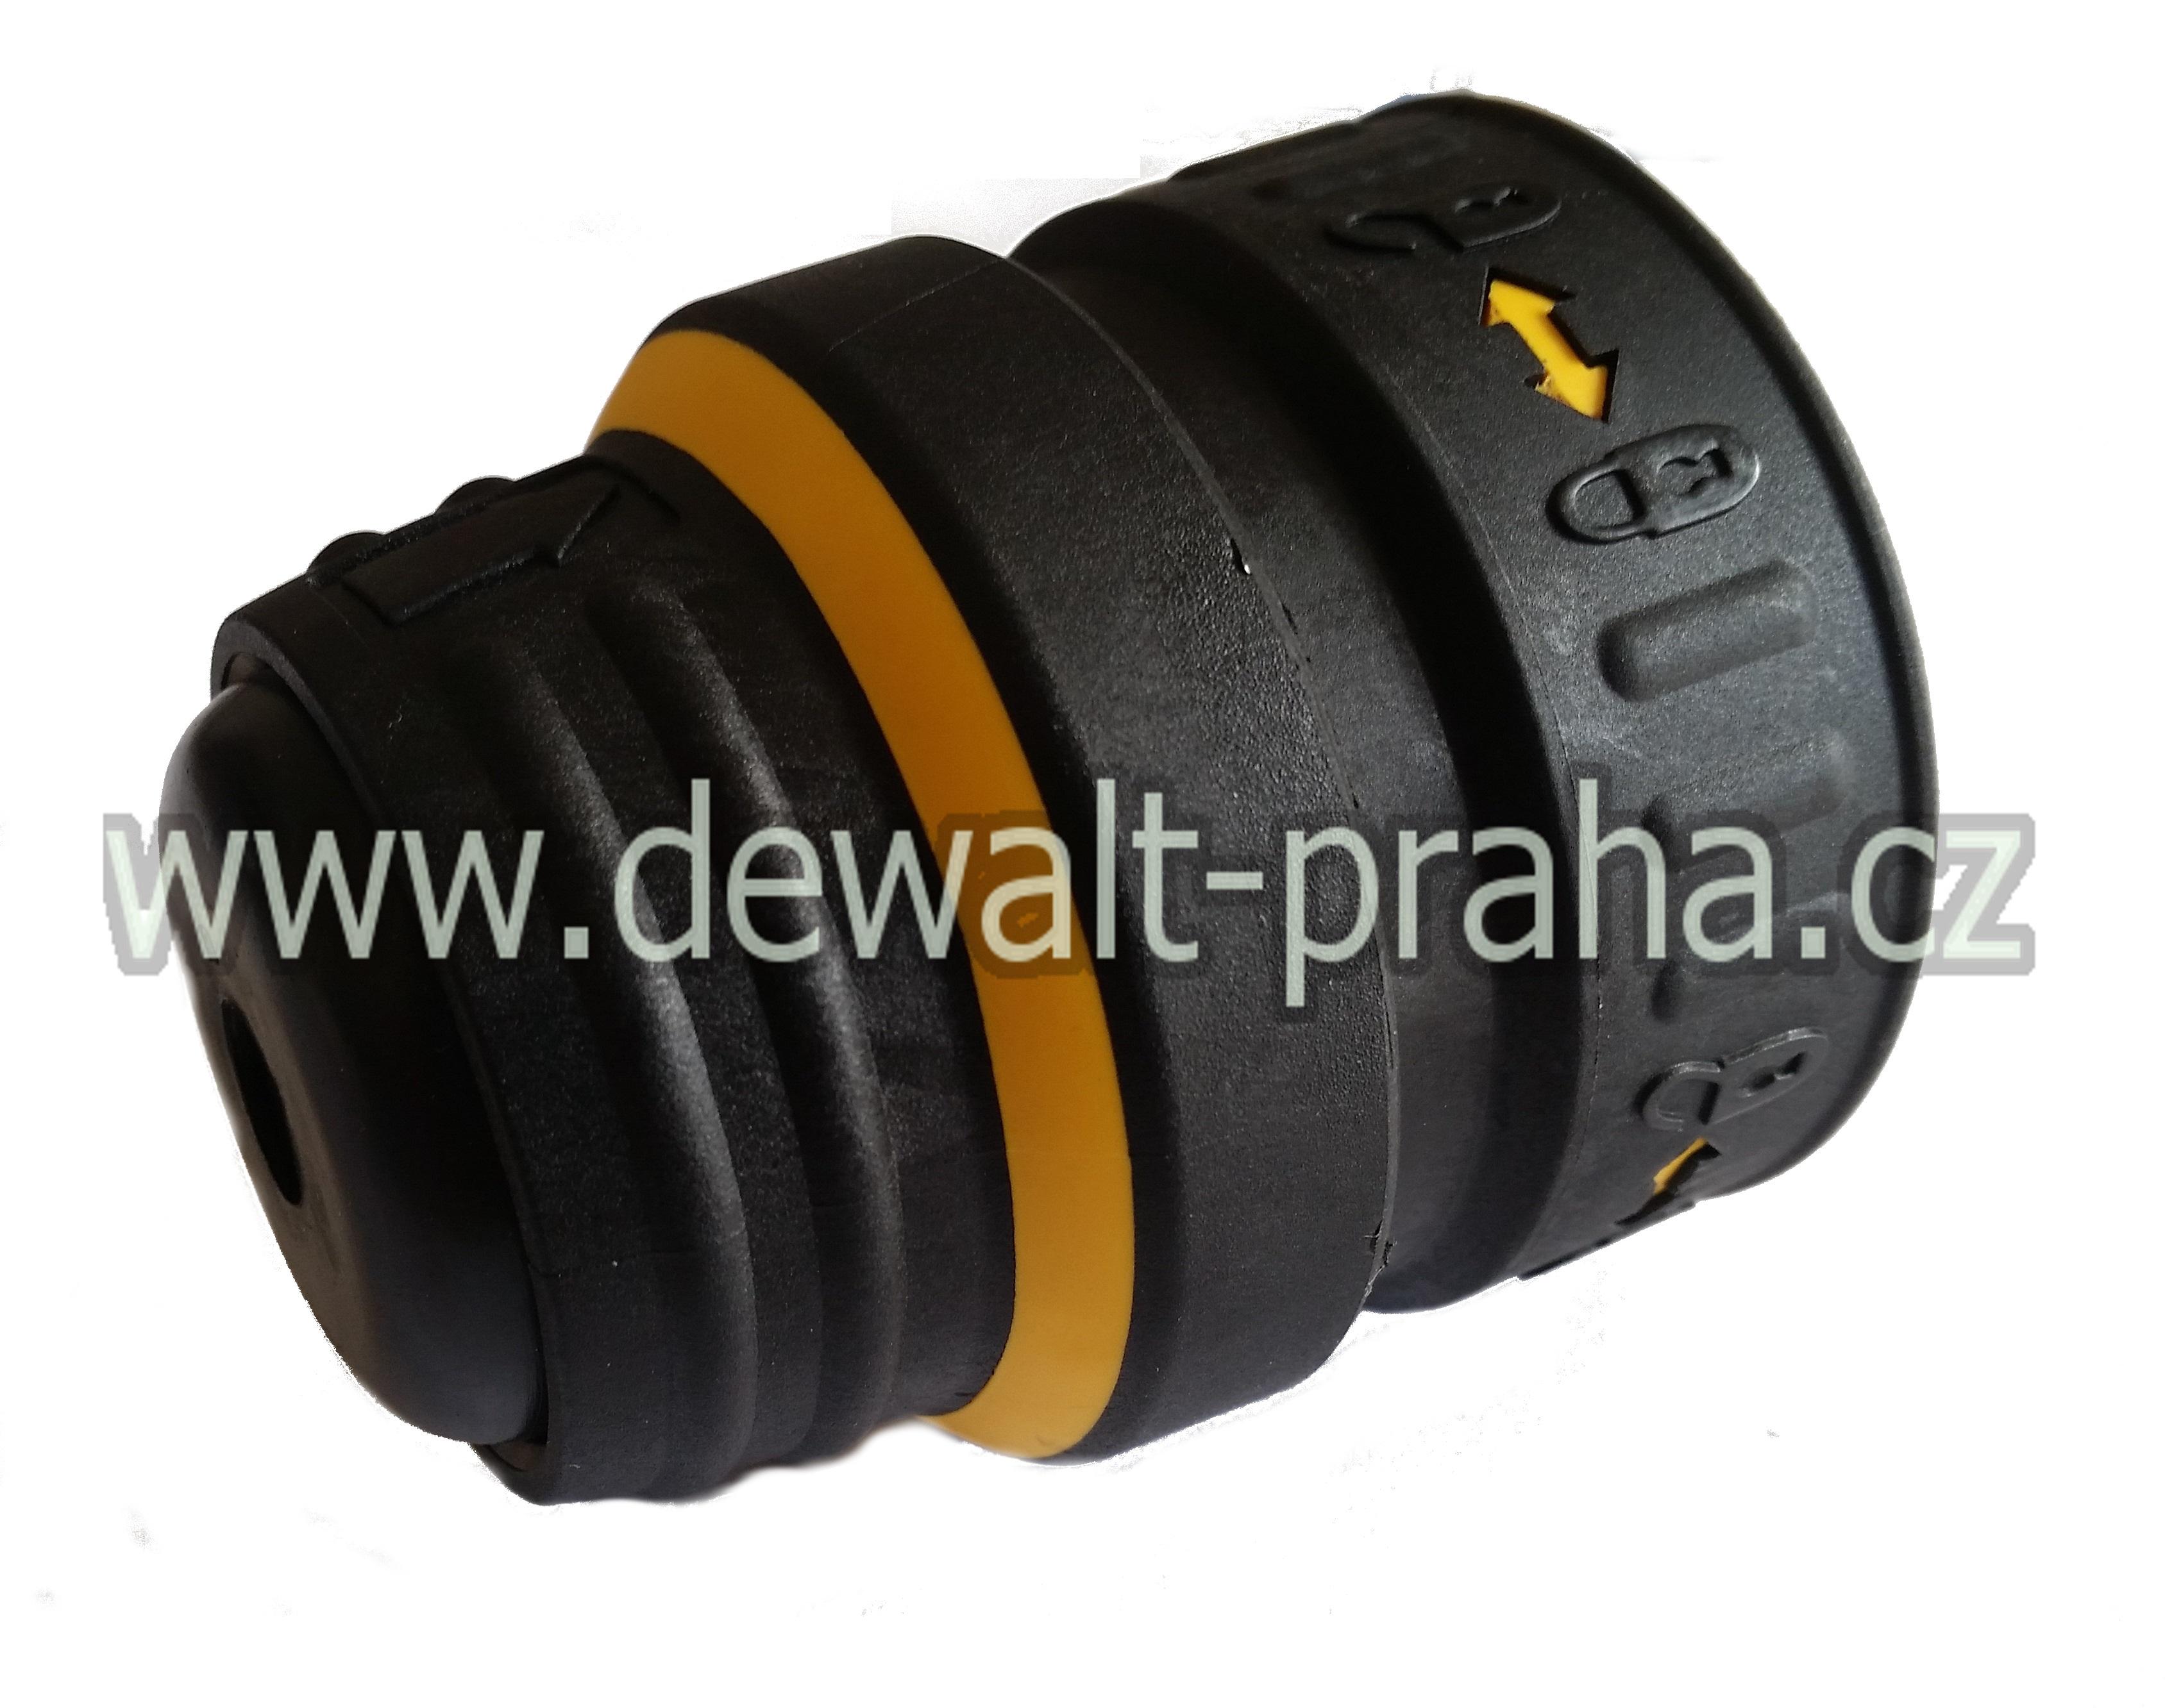 Rychloupínací sklíčidlo/hlava SDS Plus DeWALT pro D25114K, D25124K,D25324K 496244-00pro D25114 K, D25134K, D25144K, D25324K